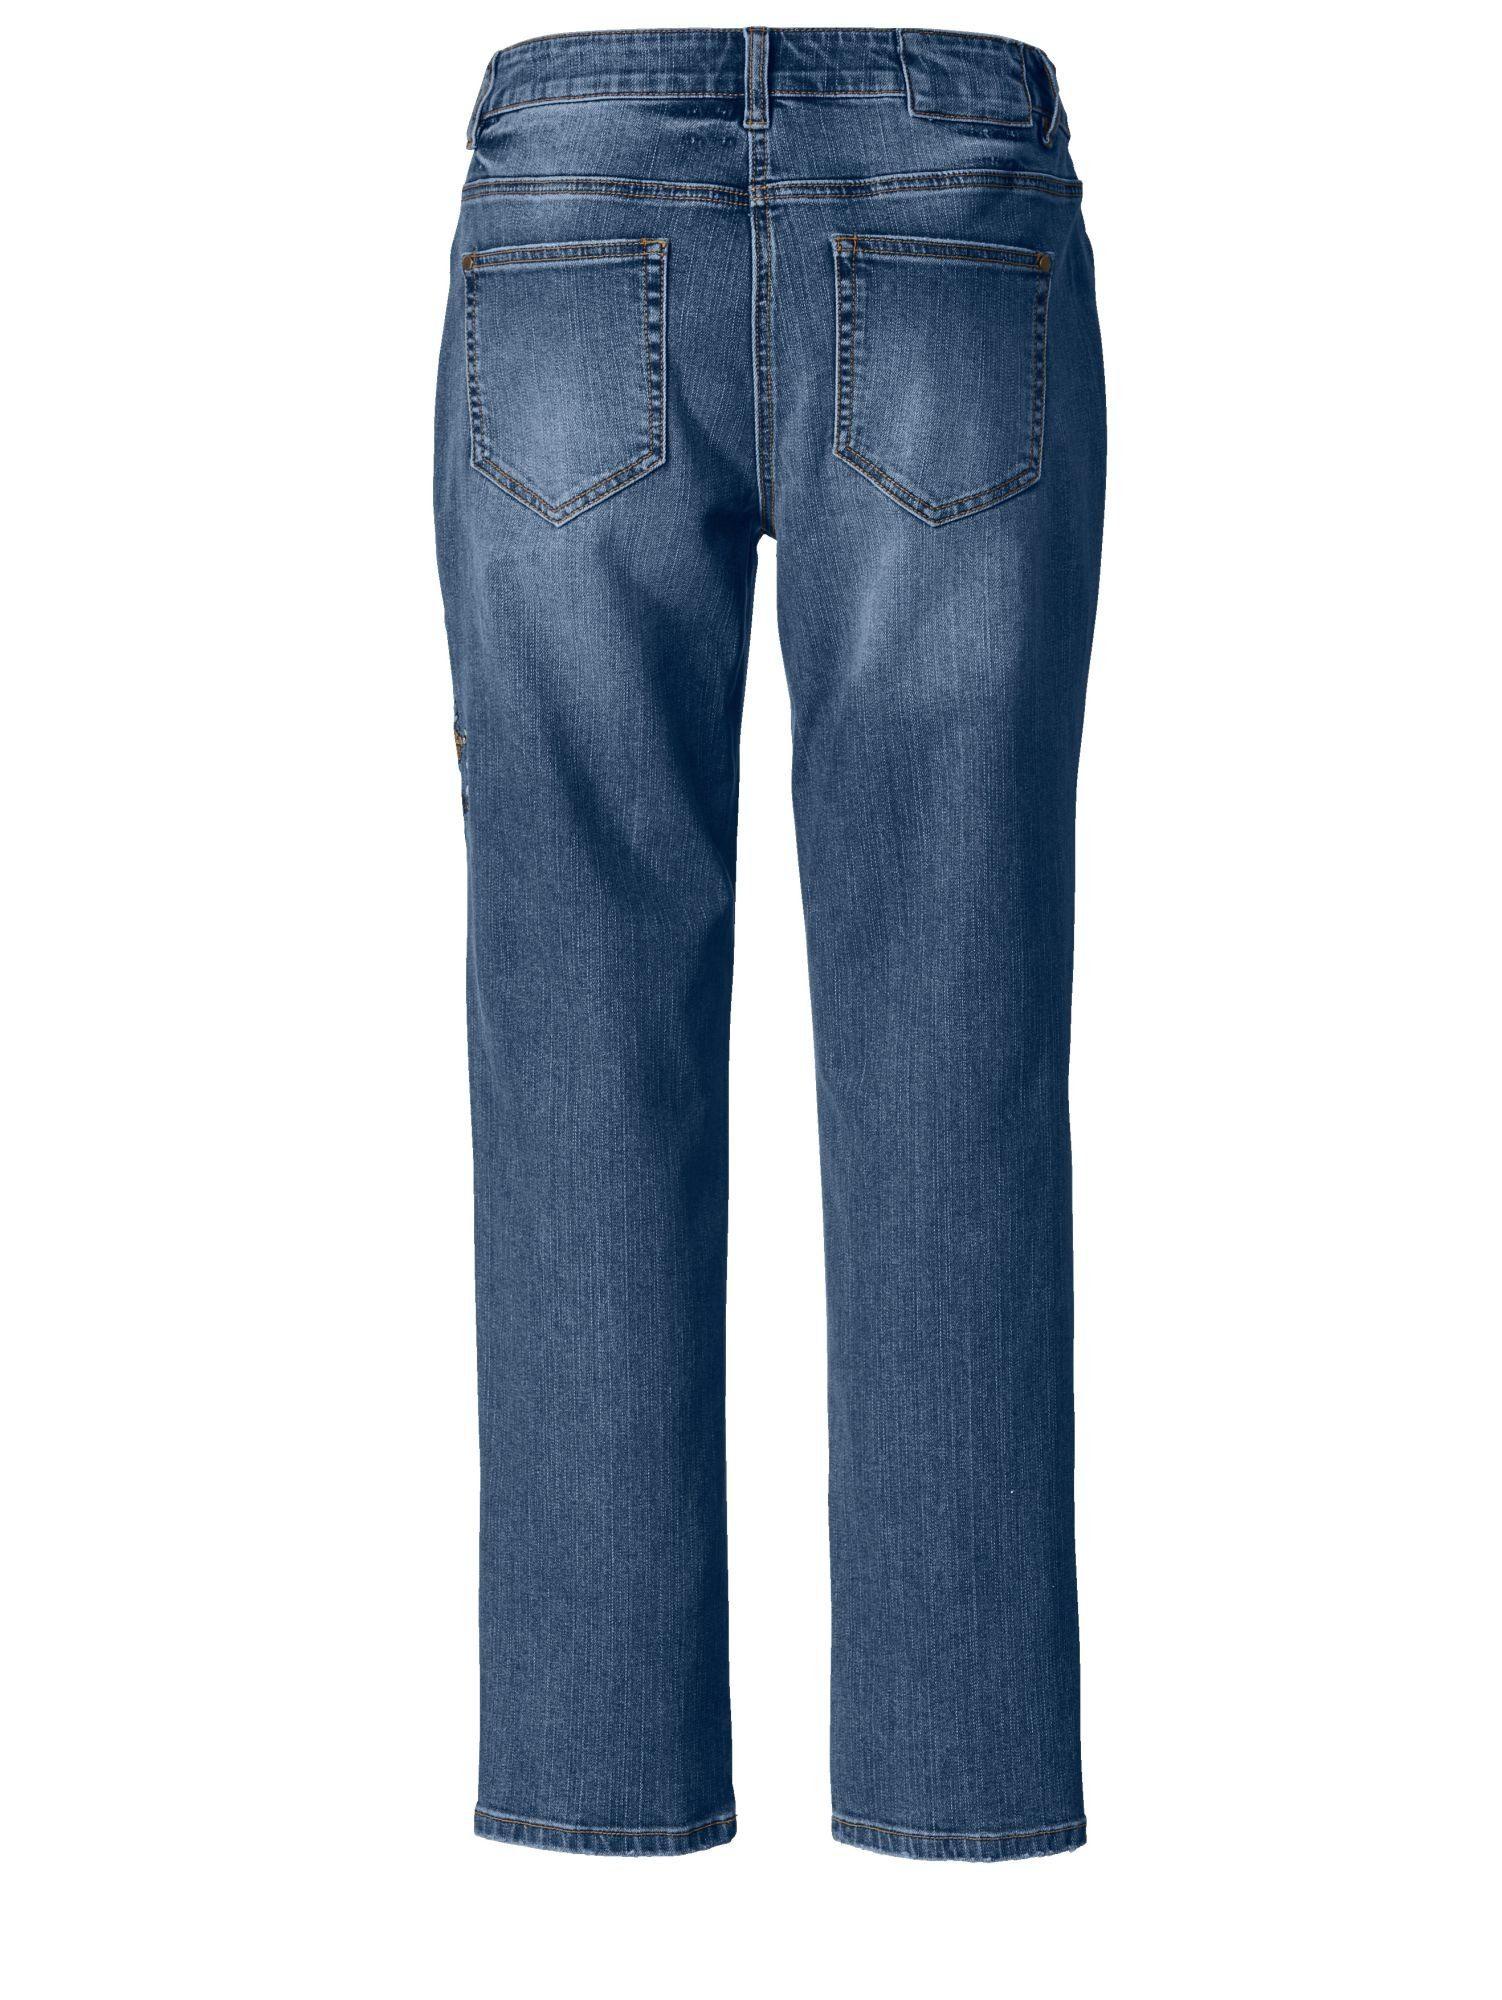 Sara Lindholm by Happy Size Slim Fit Jeans mit Stickerei online kaufen | OTTO